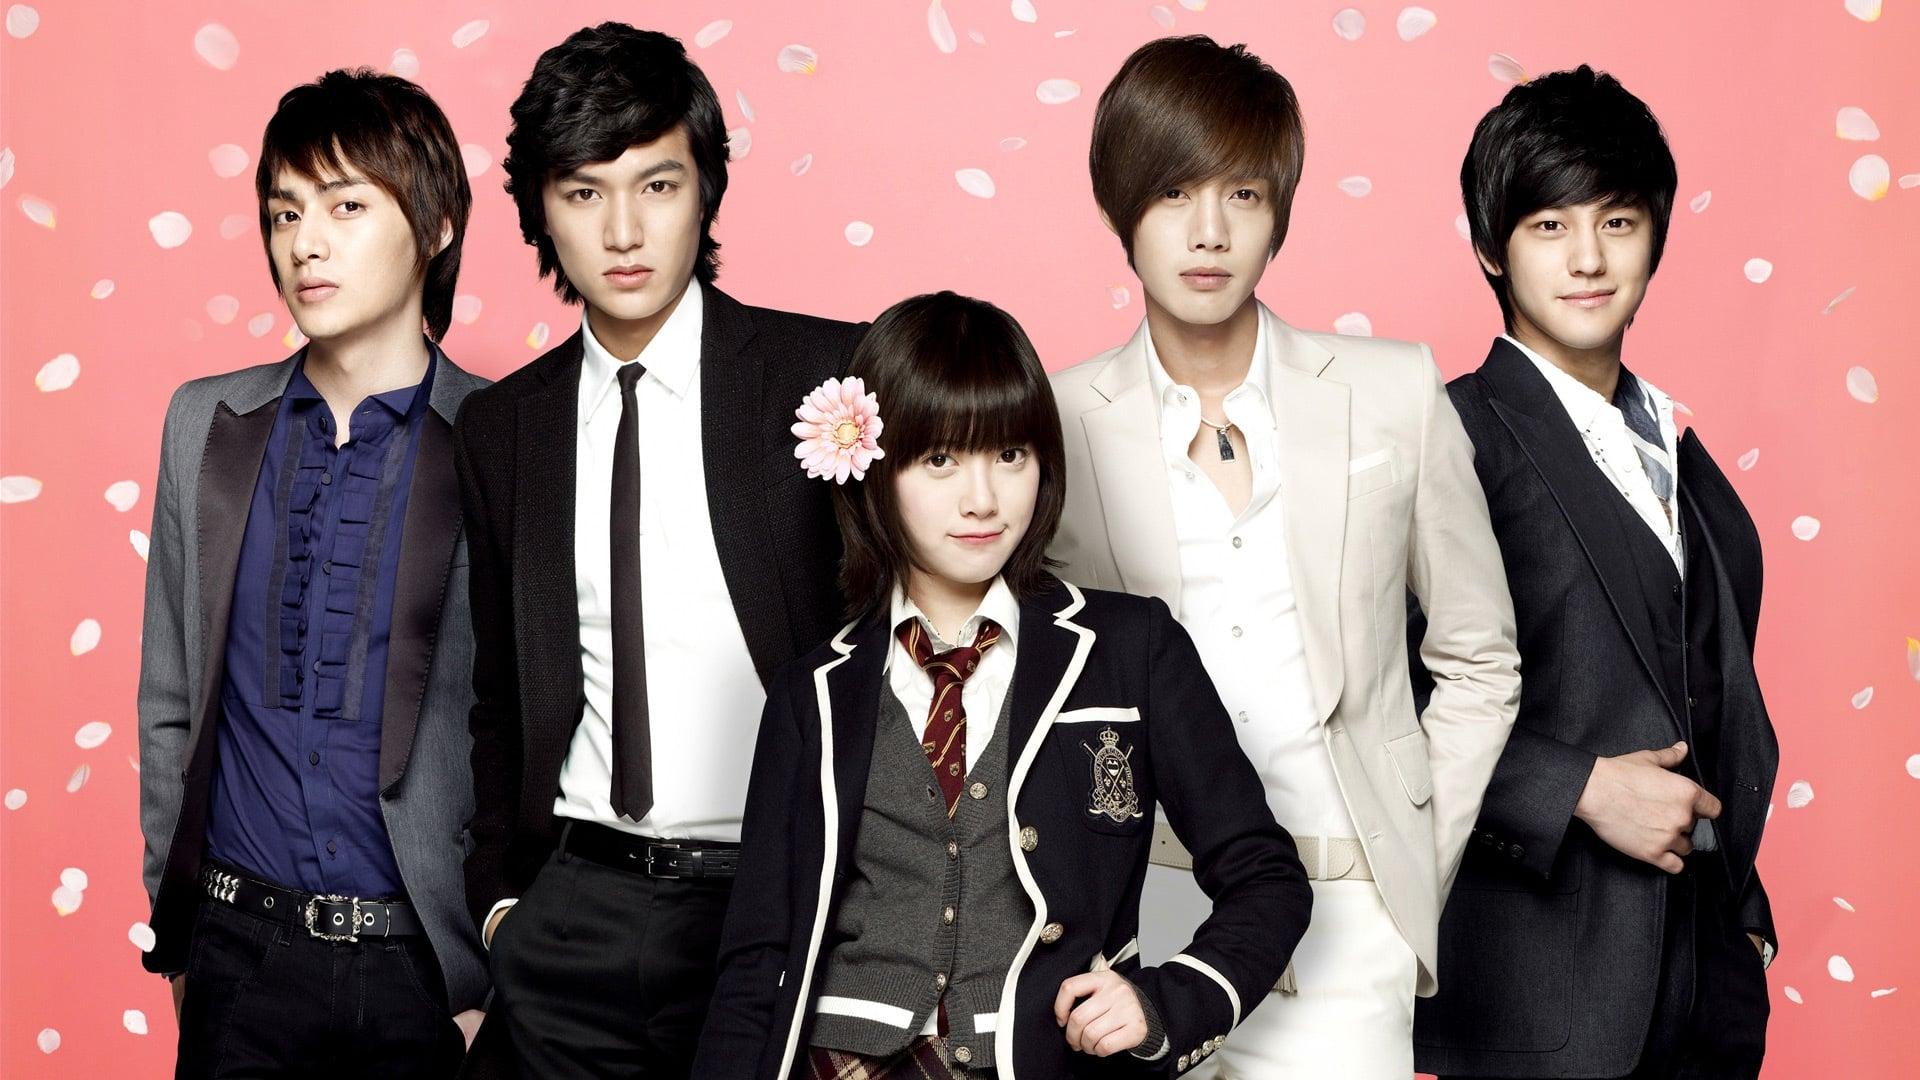 Dating agency cyrano - flower boy dating agency